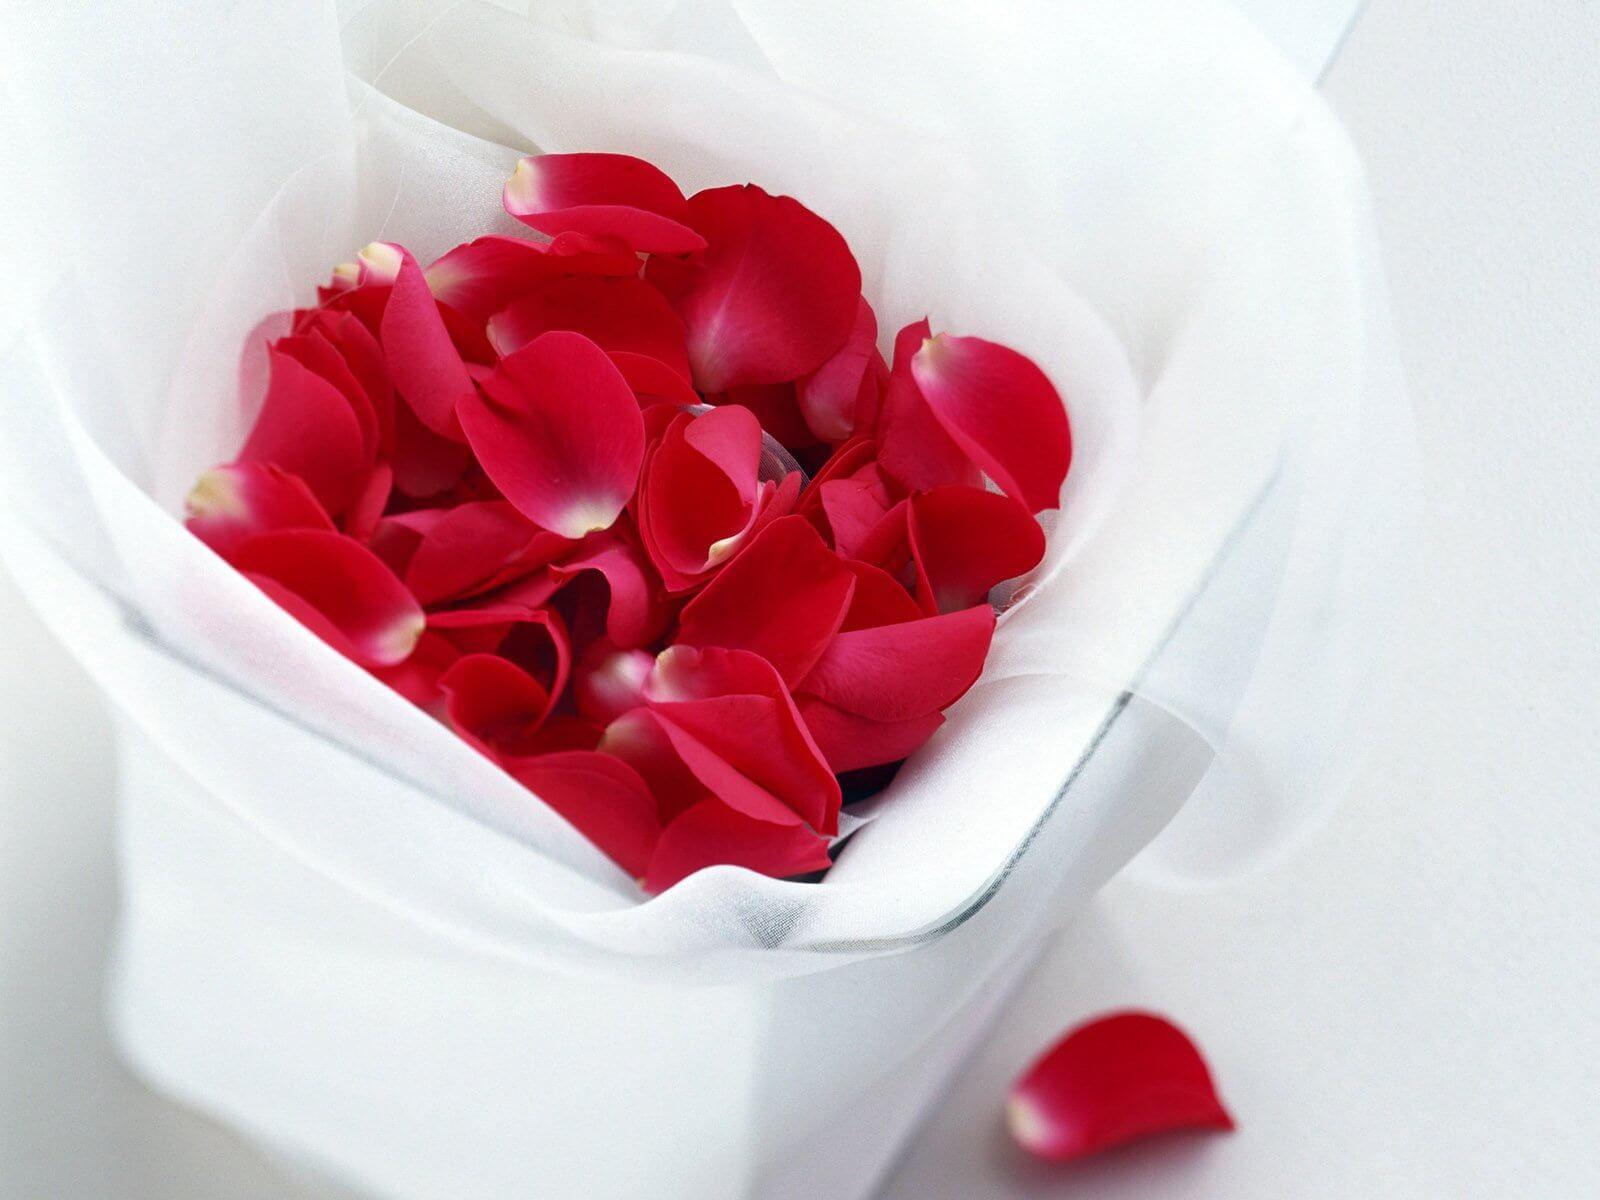 Rose petals for rejuvenating your eyes